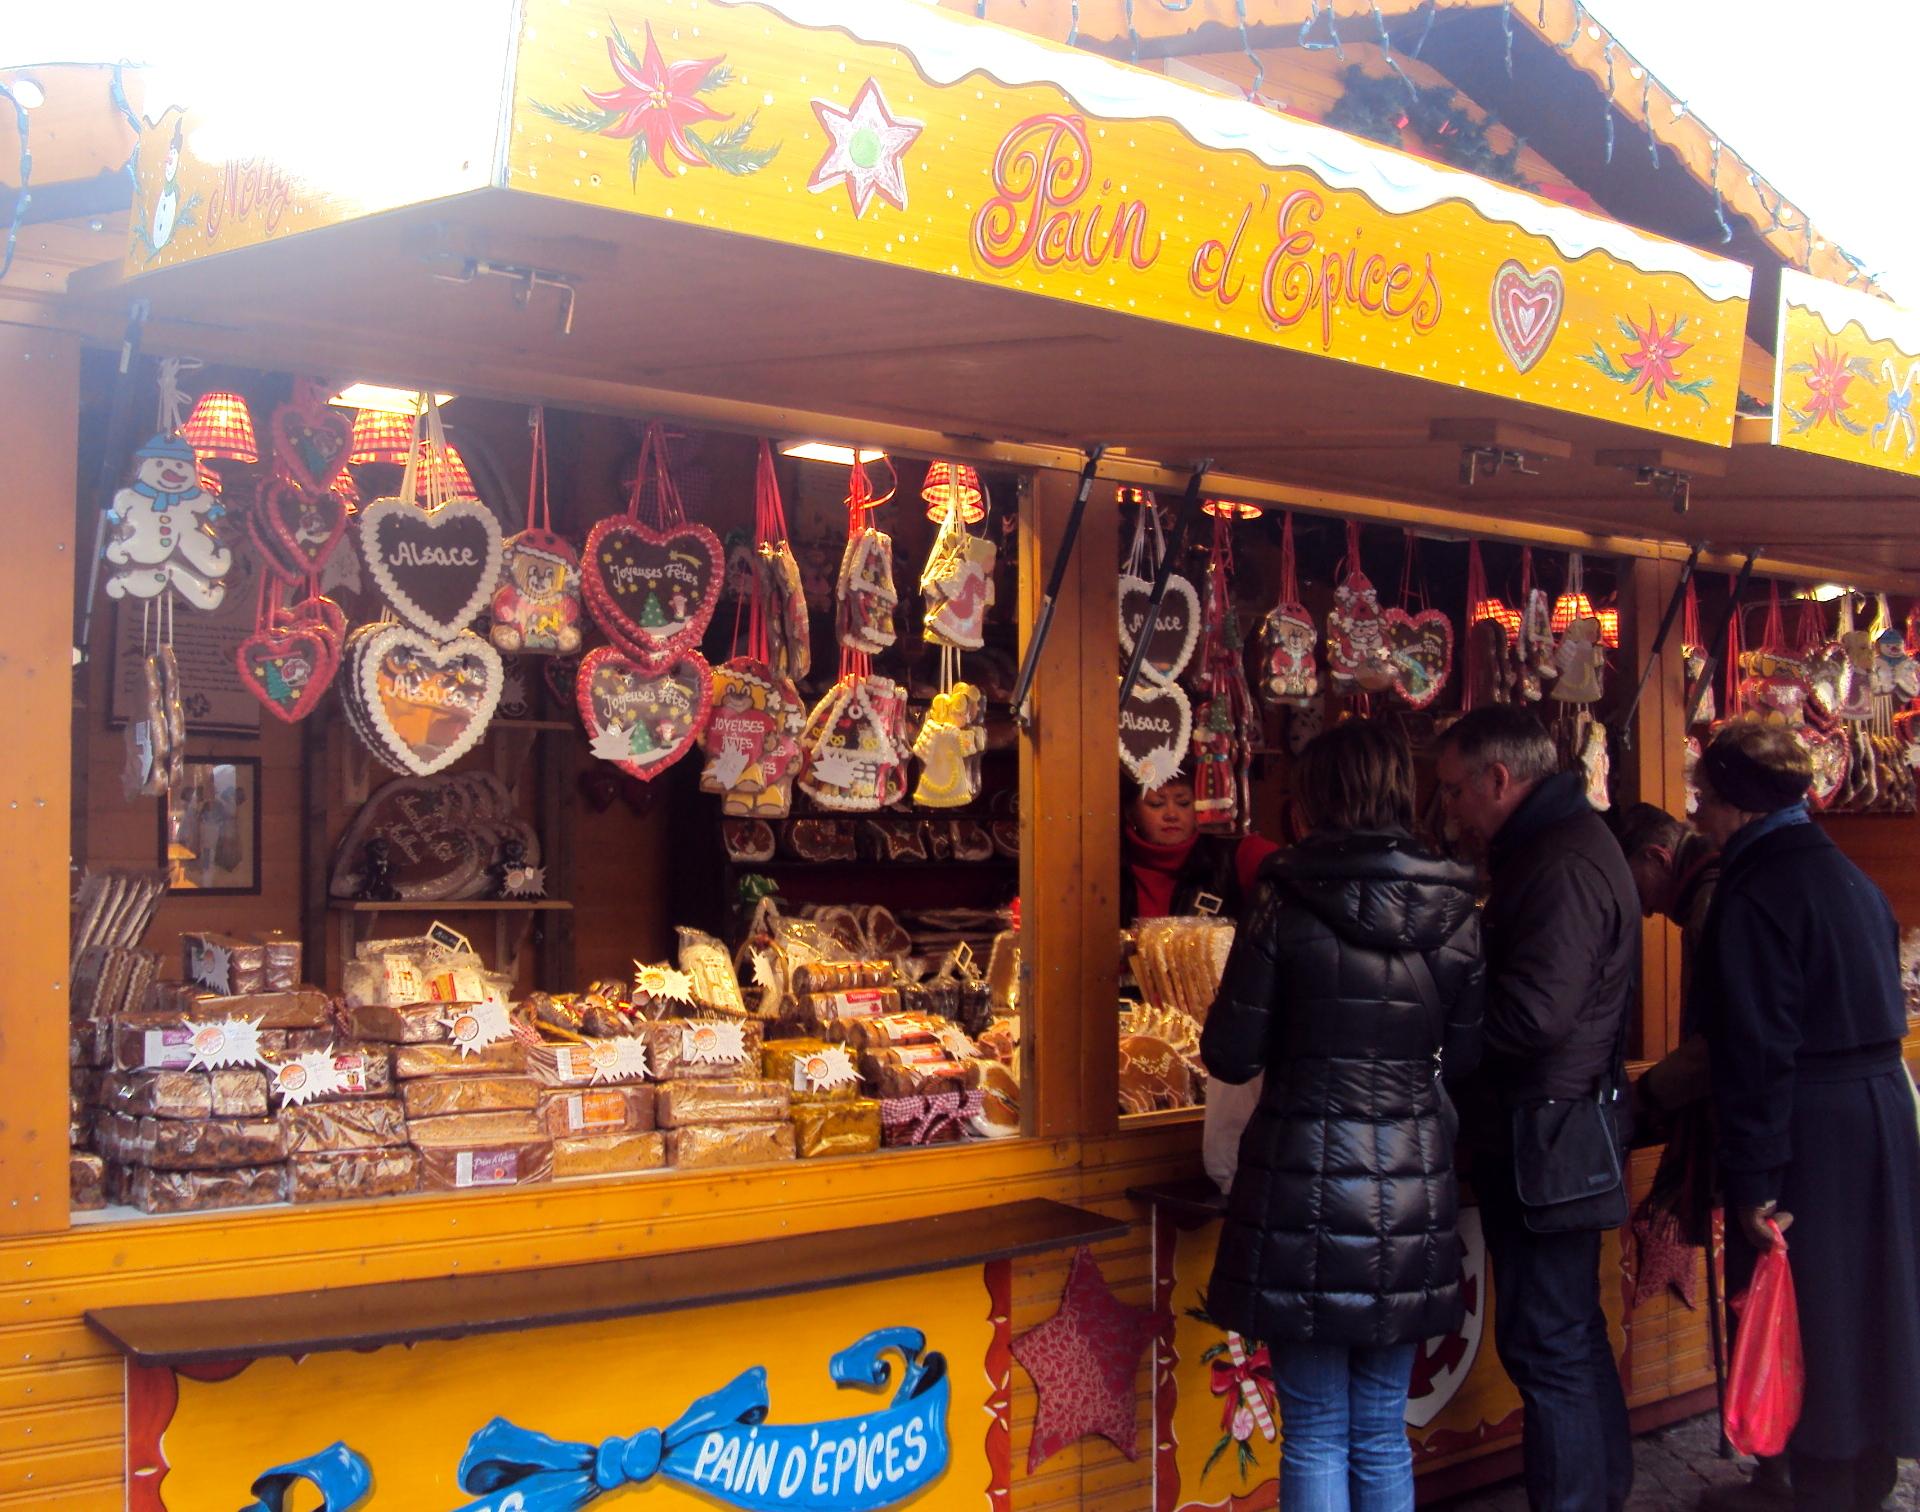 Stand de Pain d'Épices alsacien à Mulhouse